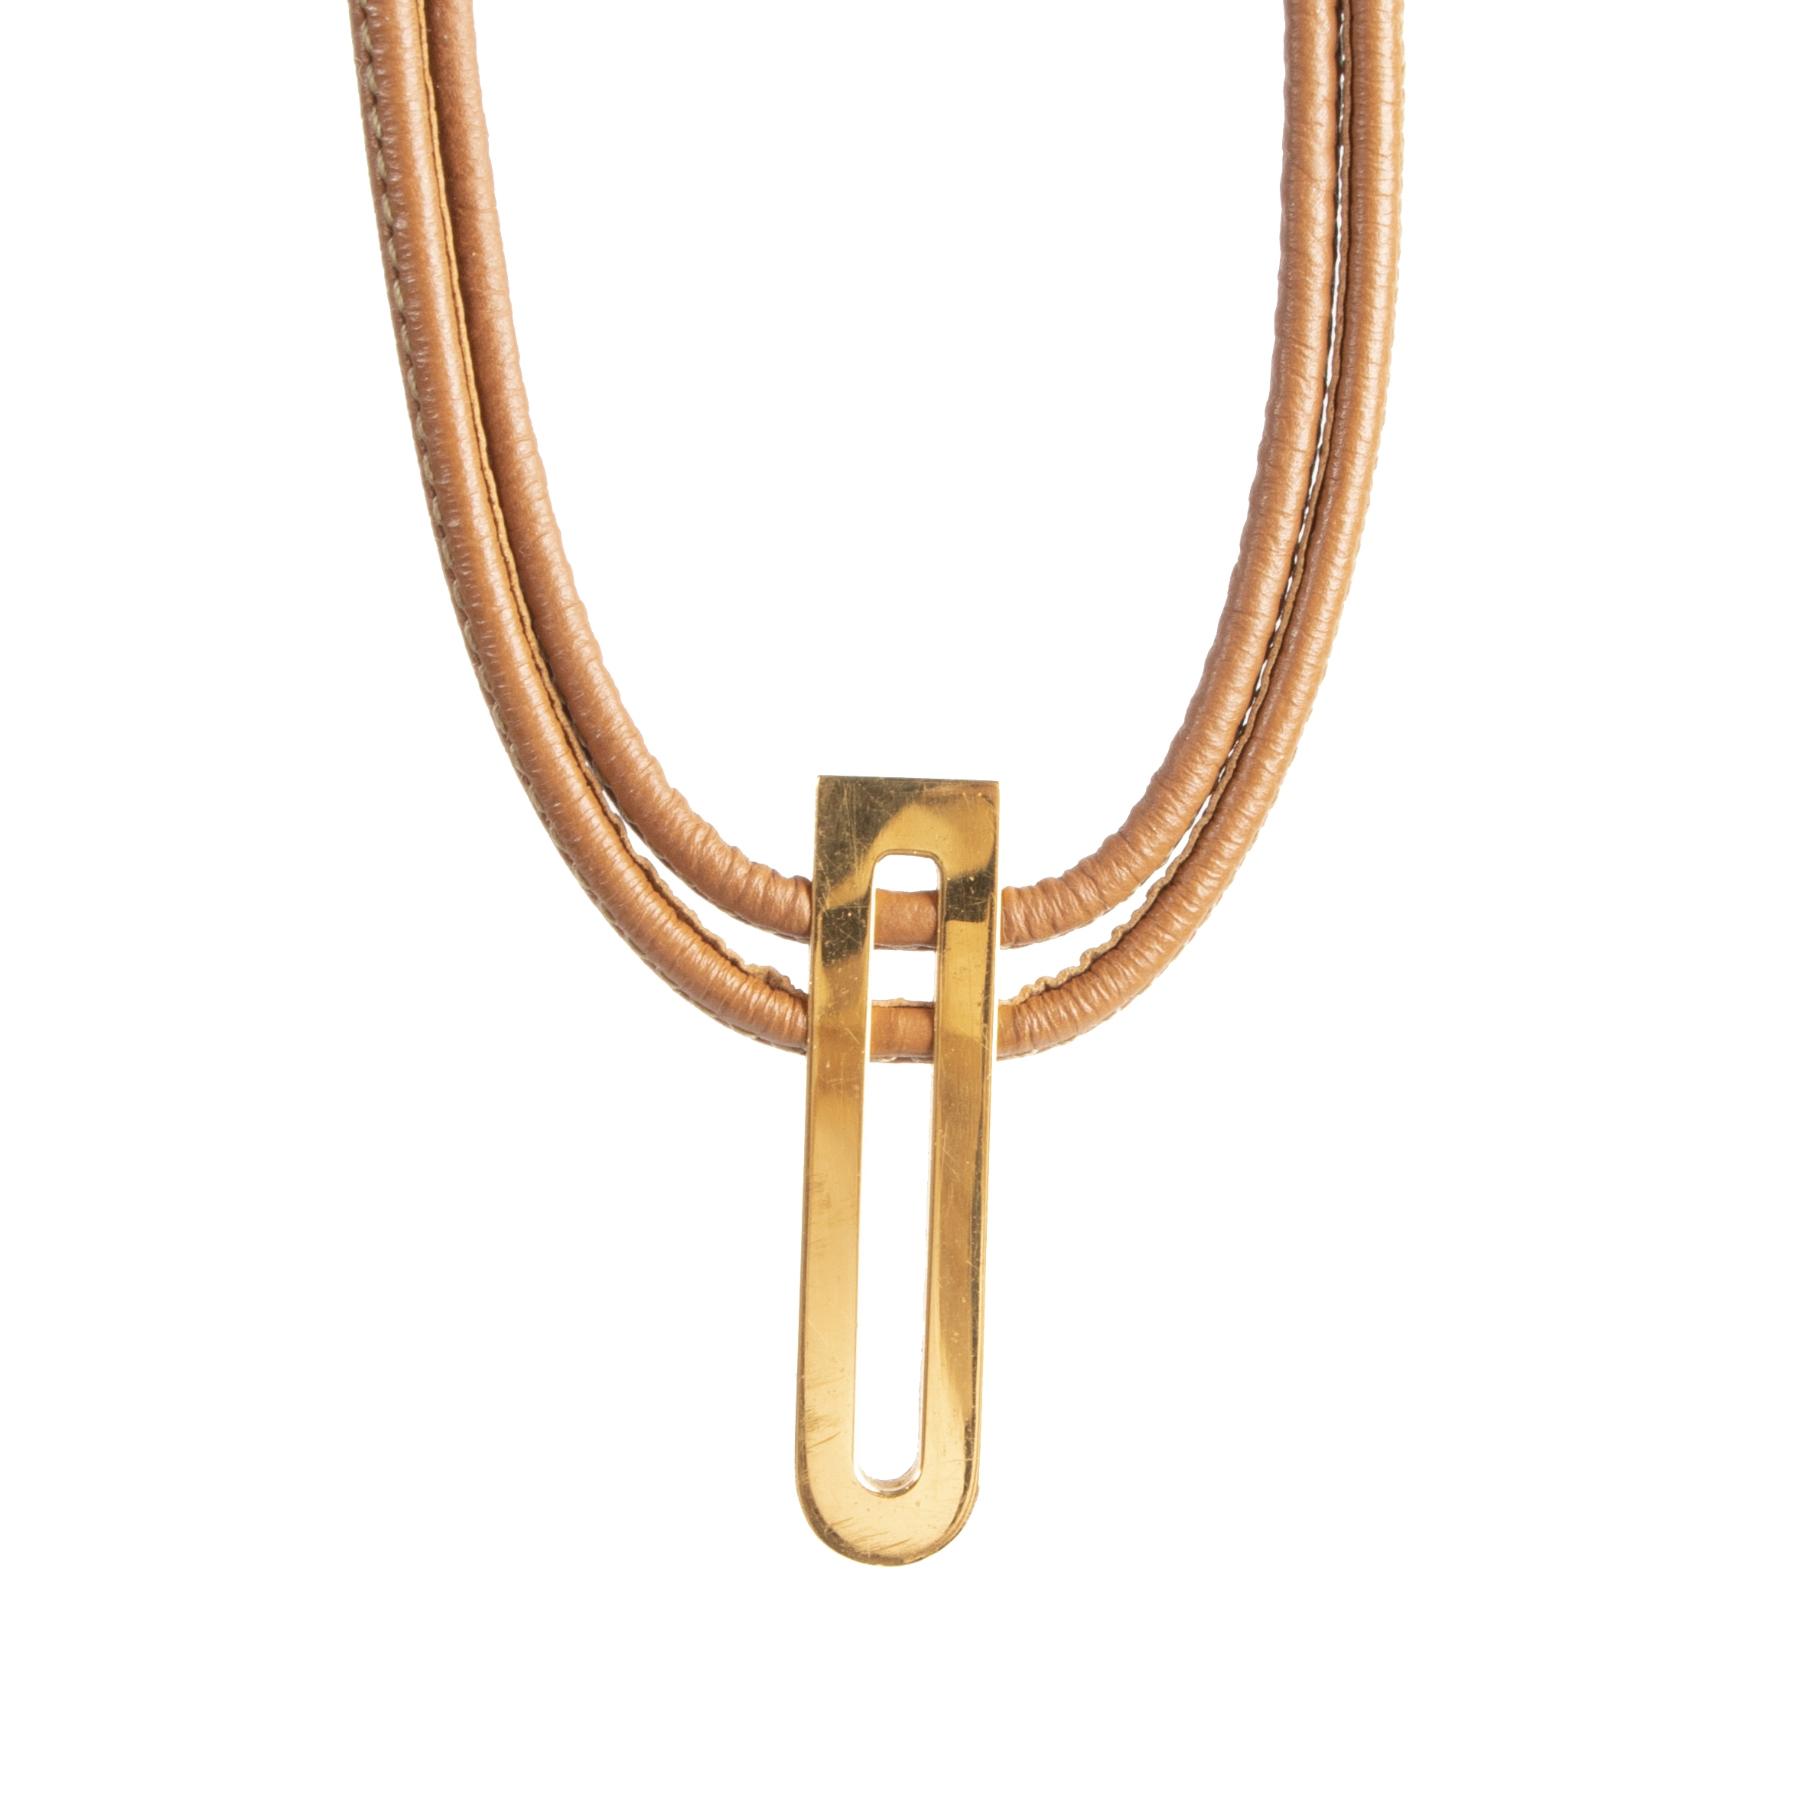 Authentieke Tweedehands Delvaux Brown Leather Gold D Necklace juiste prijs veilig online shoppen luxe merken webshop winkelen Antwerpen België mode fashion